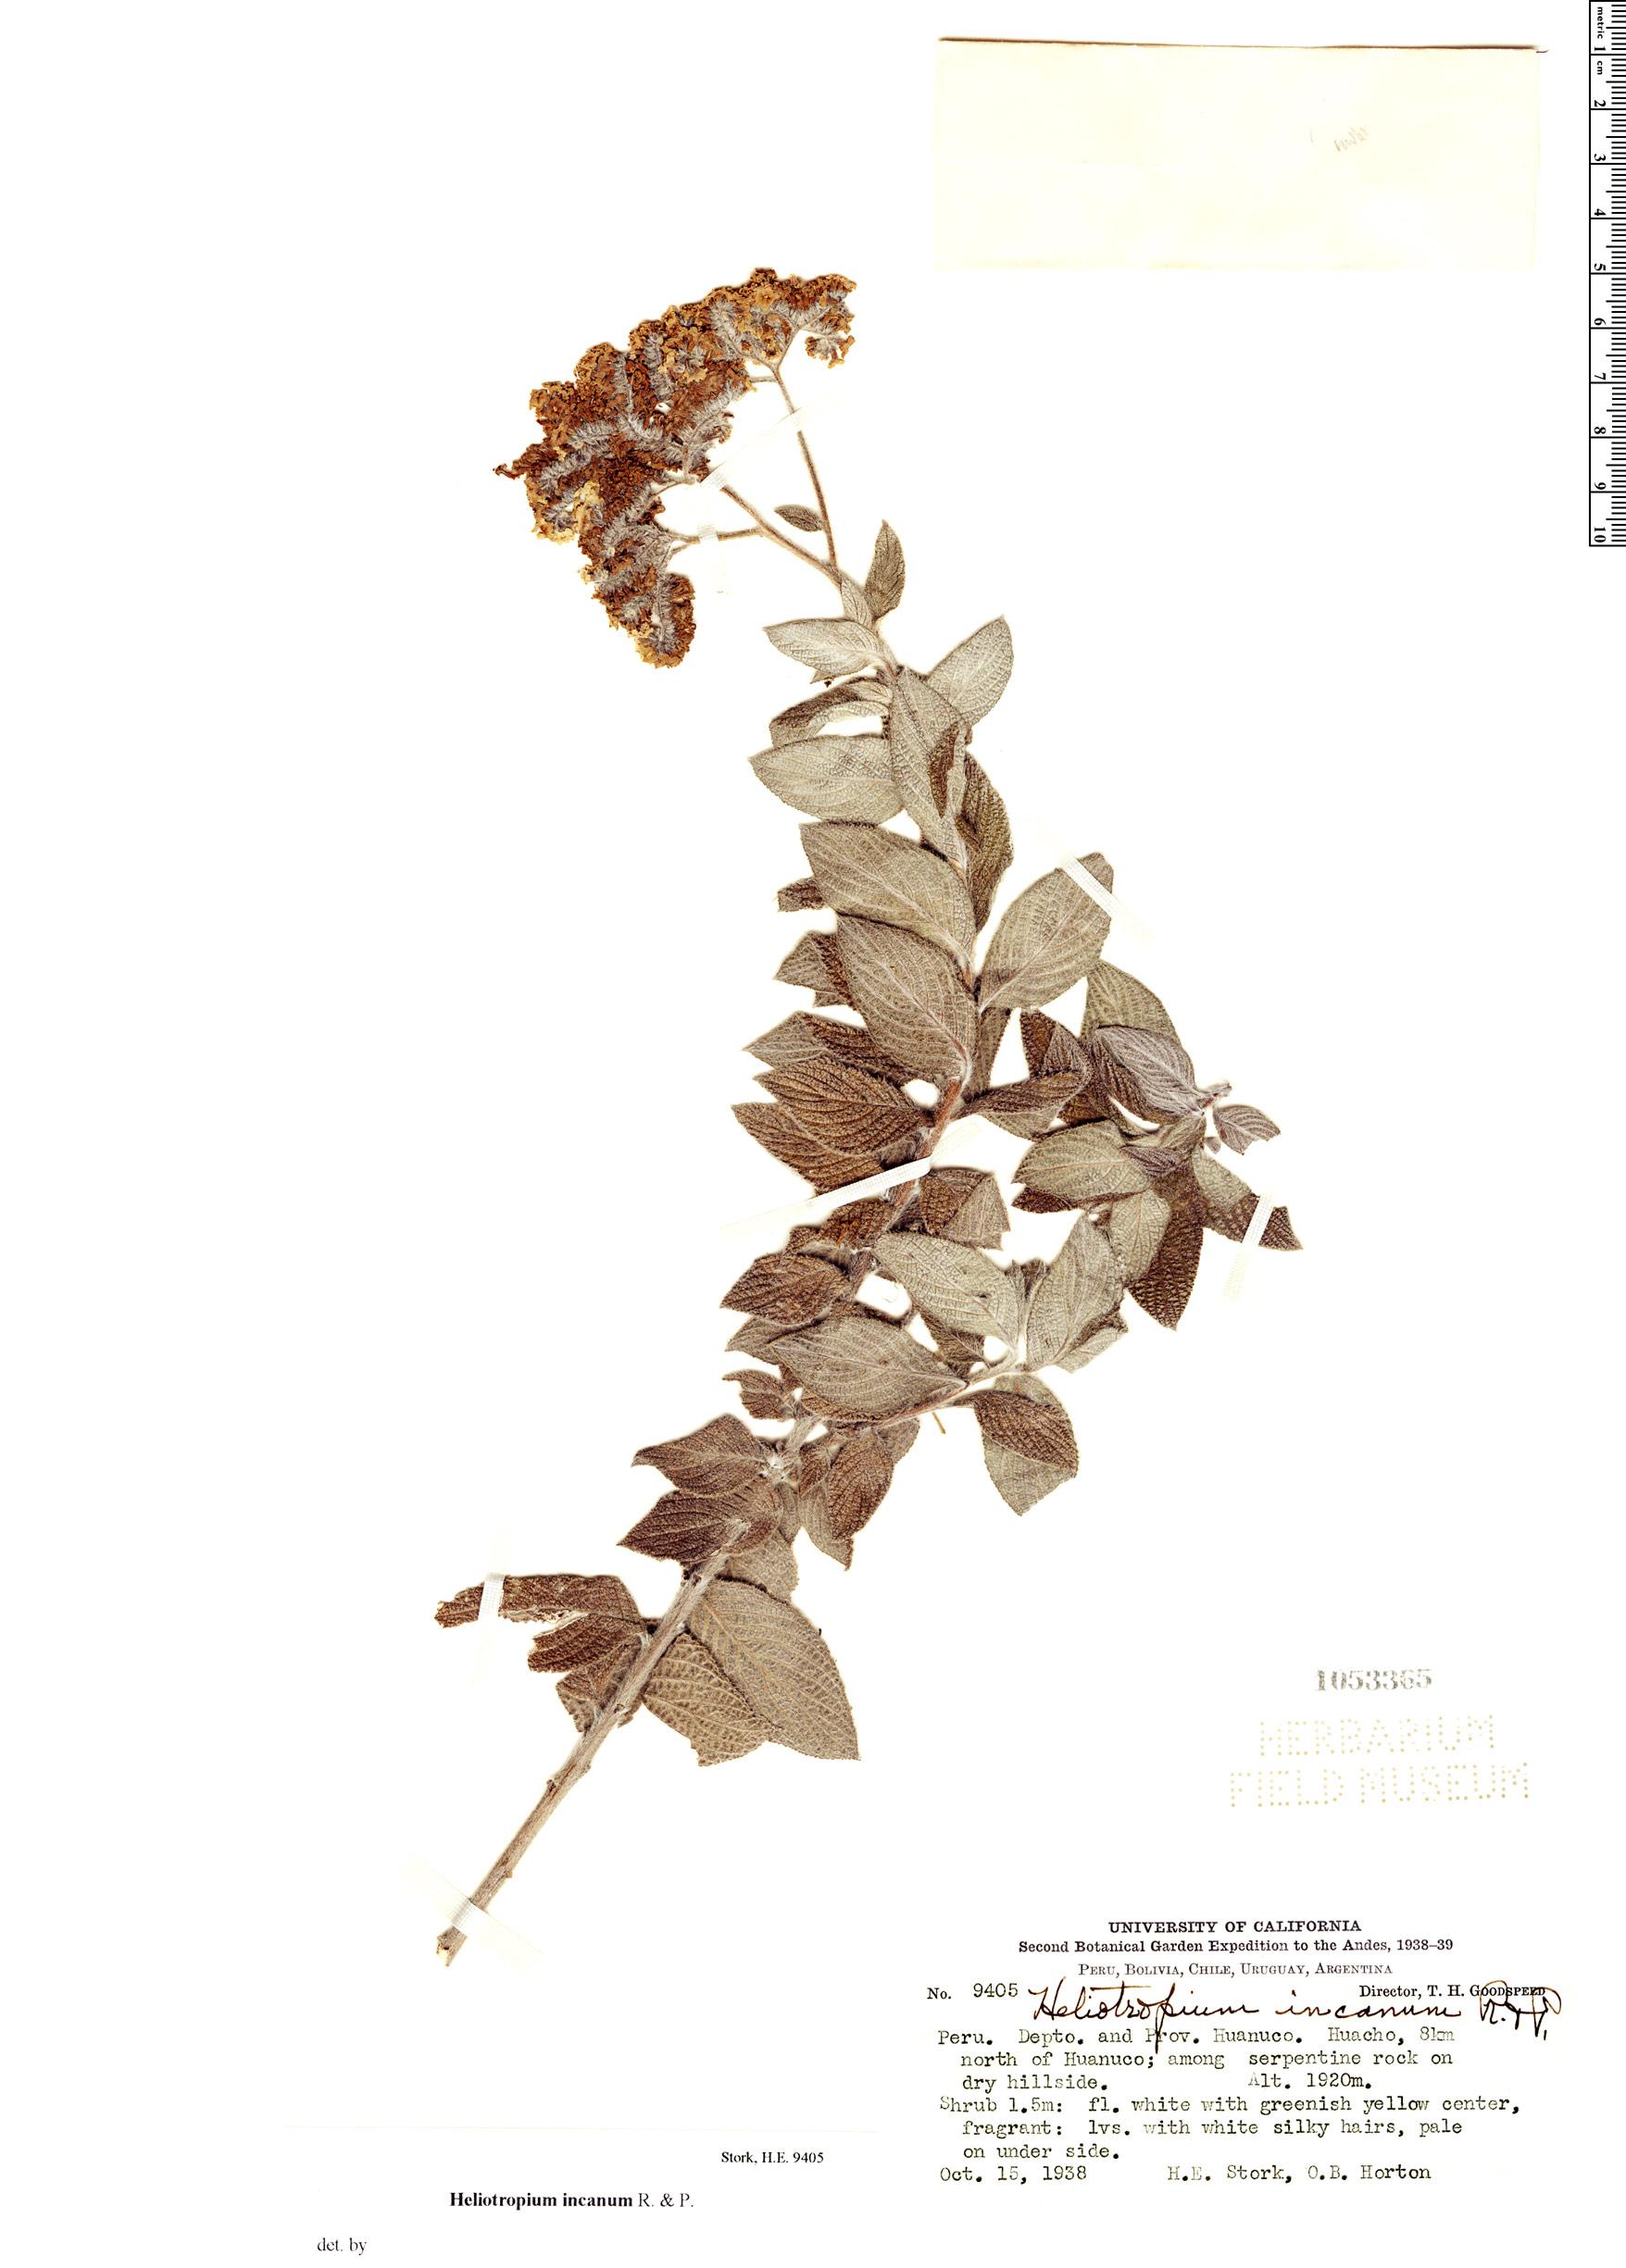 Specimen: Heliotropium incanum